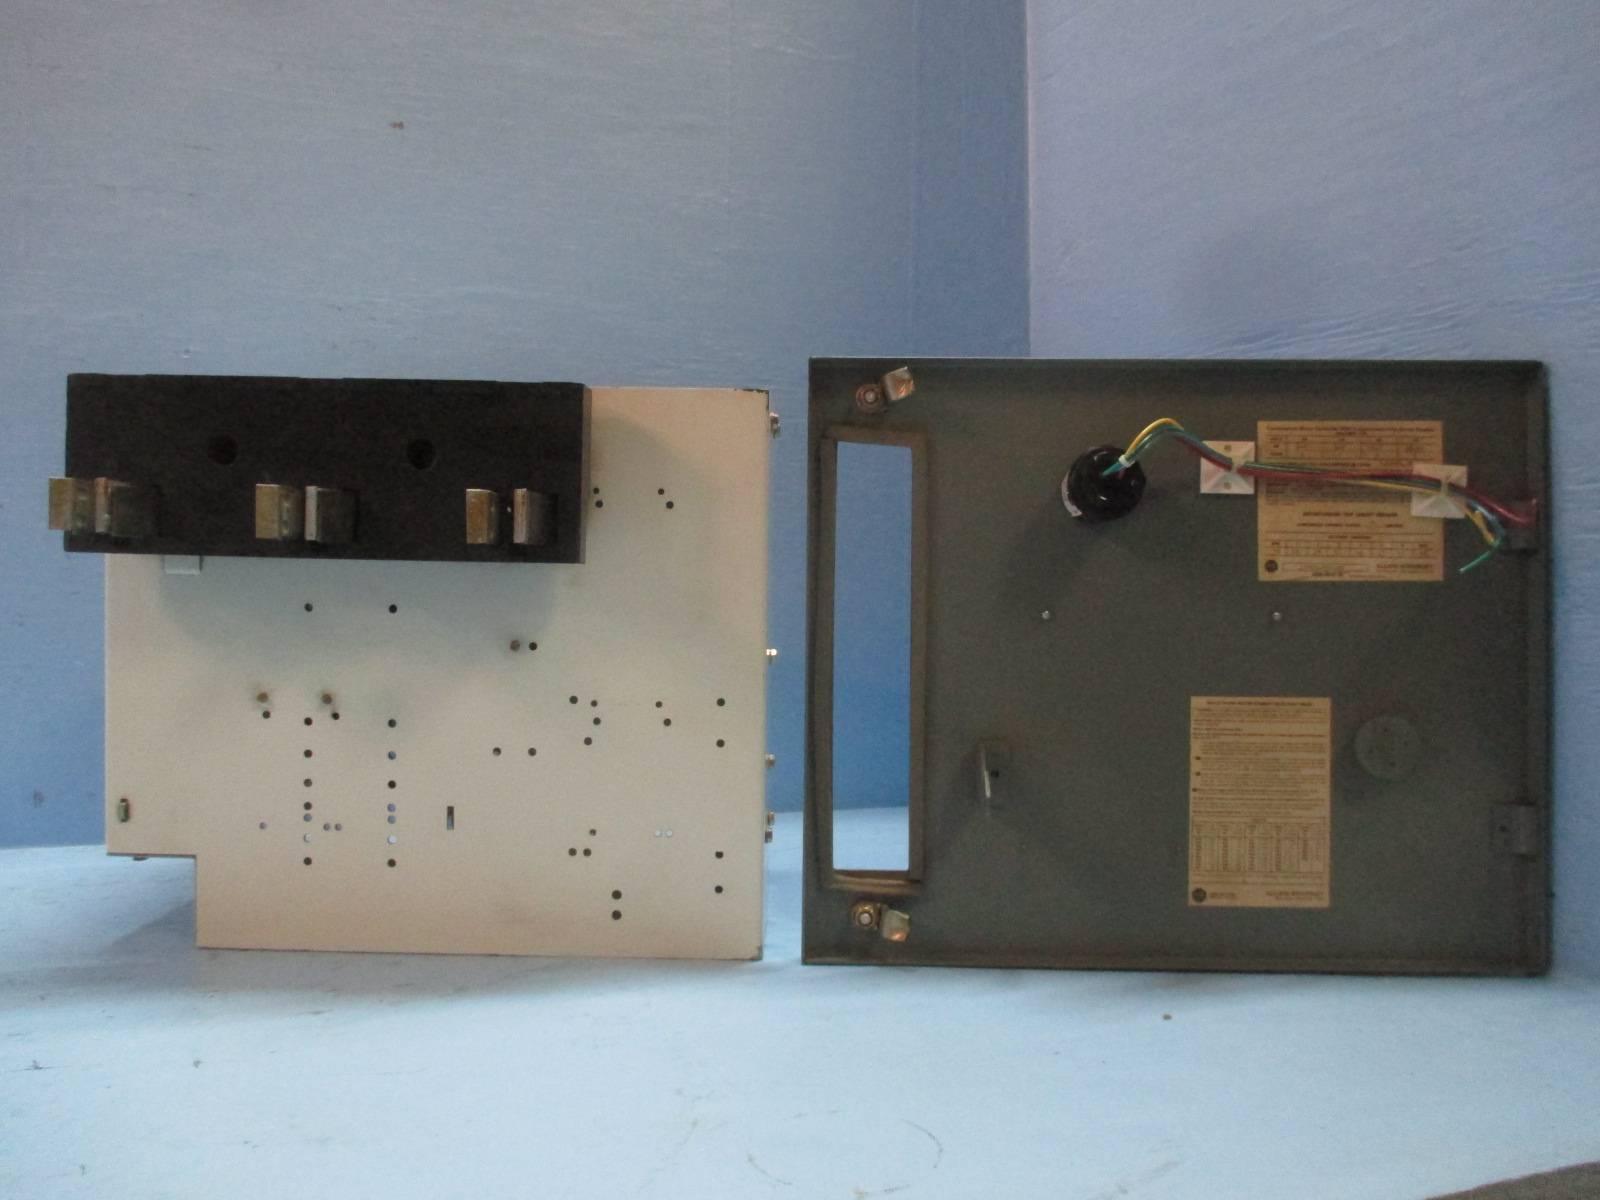 Allen Bradley 2100 Centerline Size 1 Starter 7 Amp Breaker ...